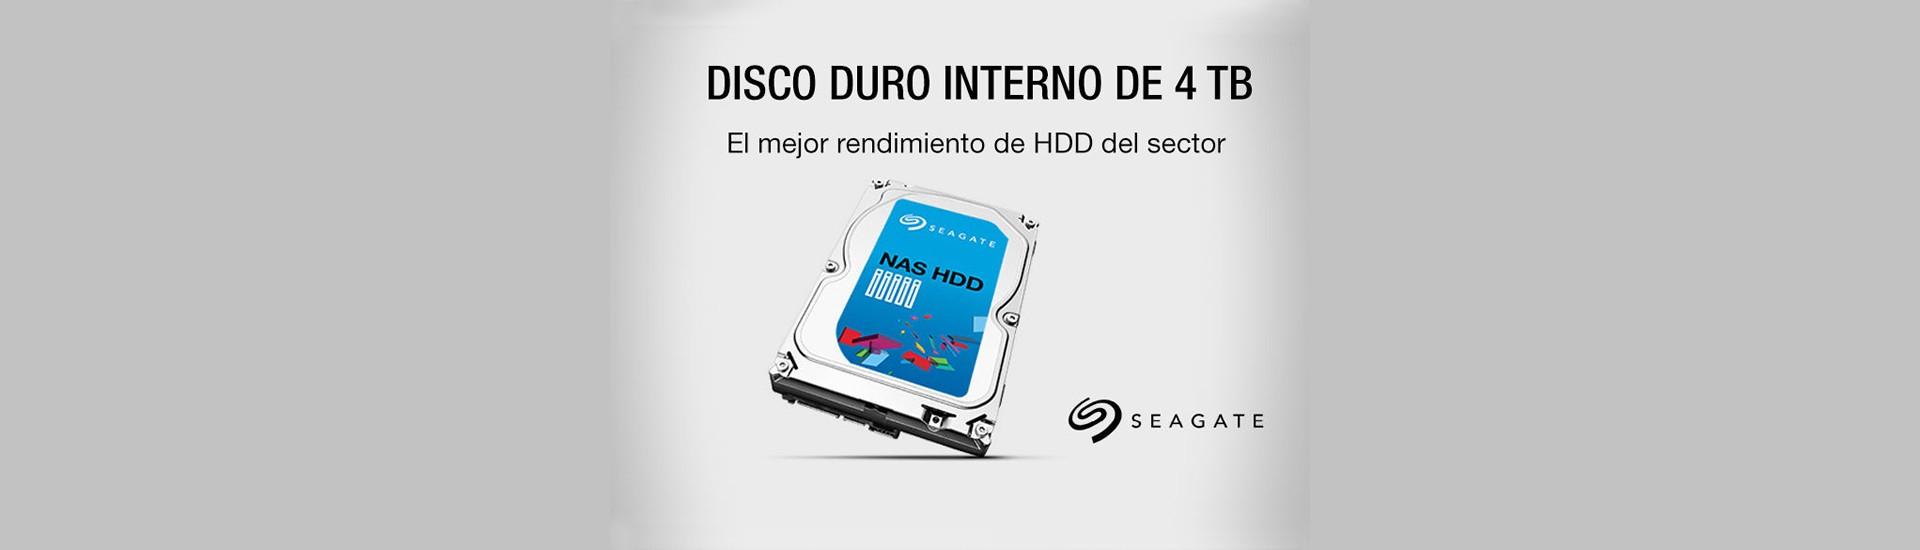 Disco duro interno 4Tb Seagate